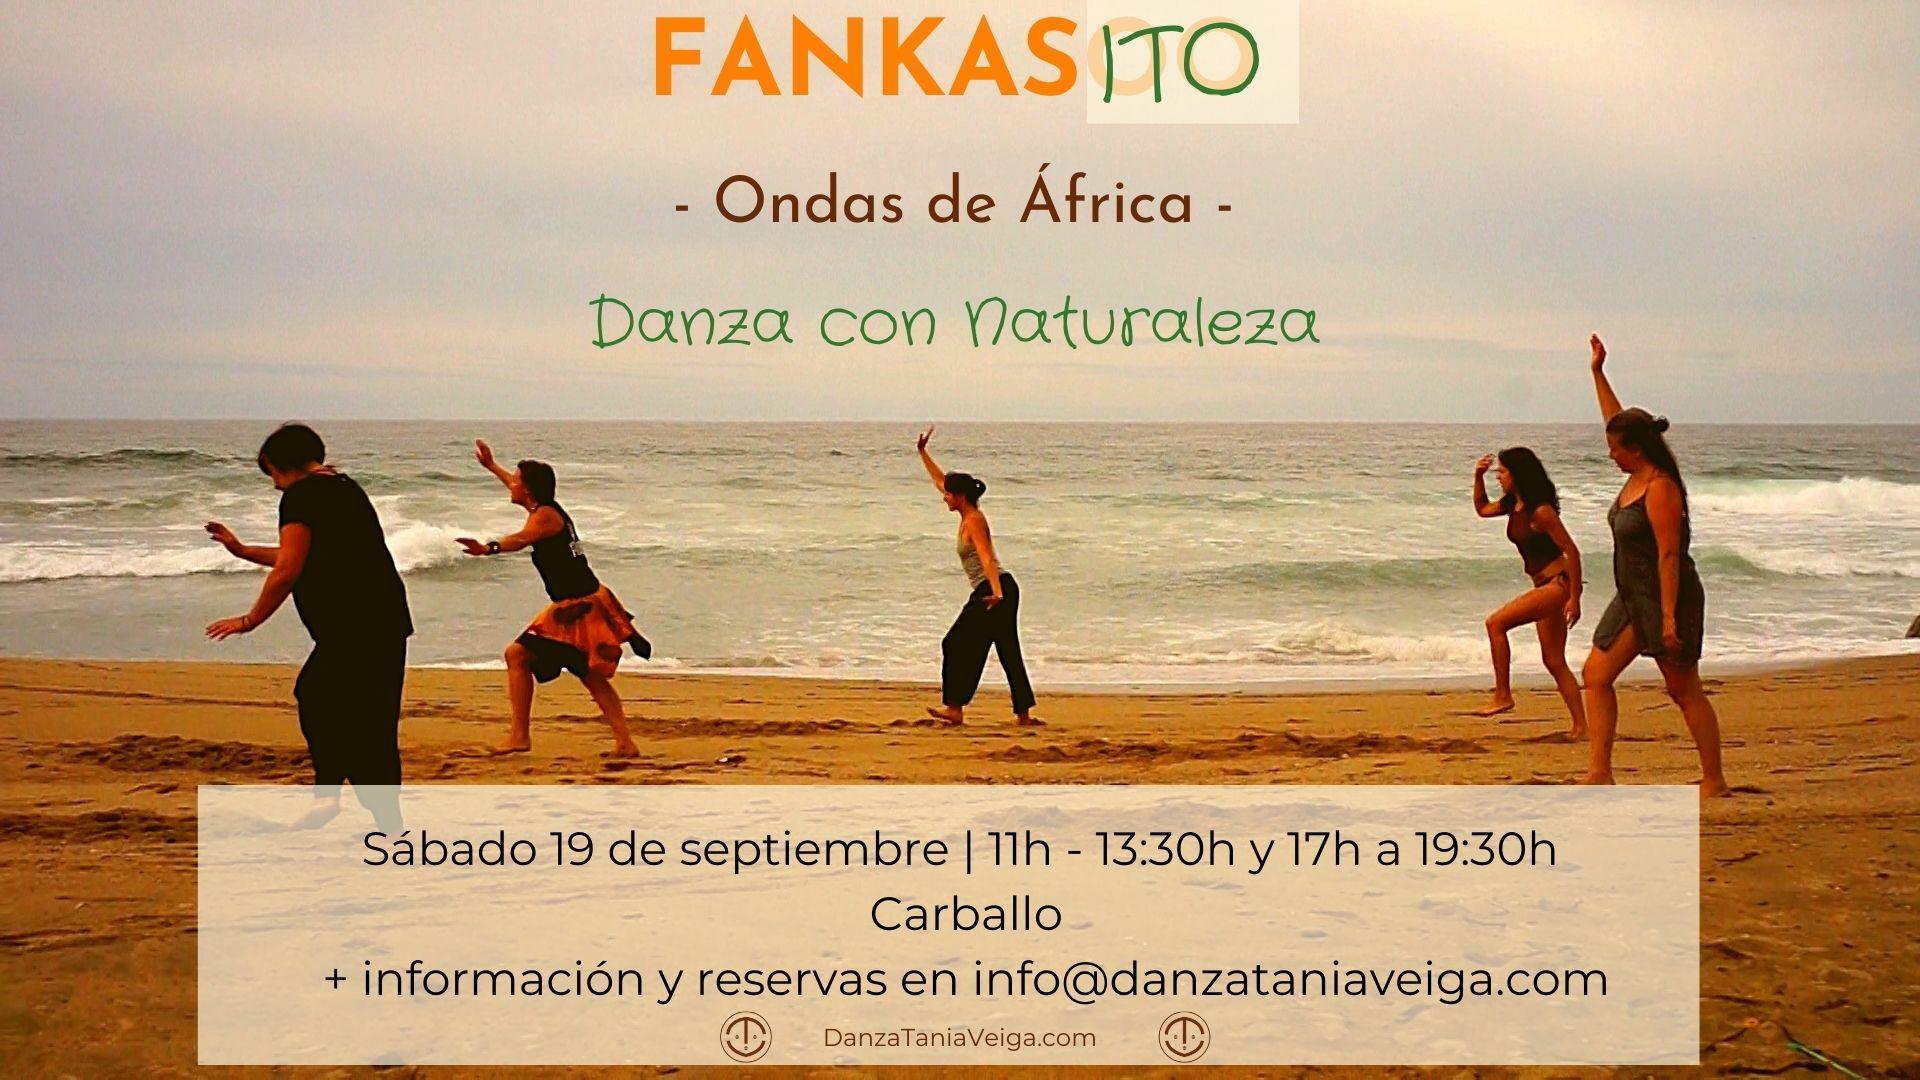 Fankasito - Danza con Naturaleza